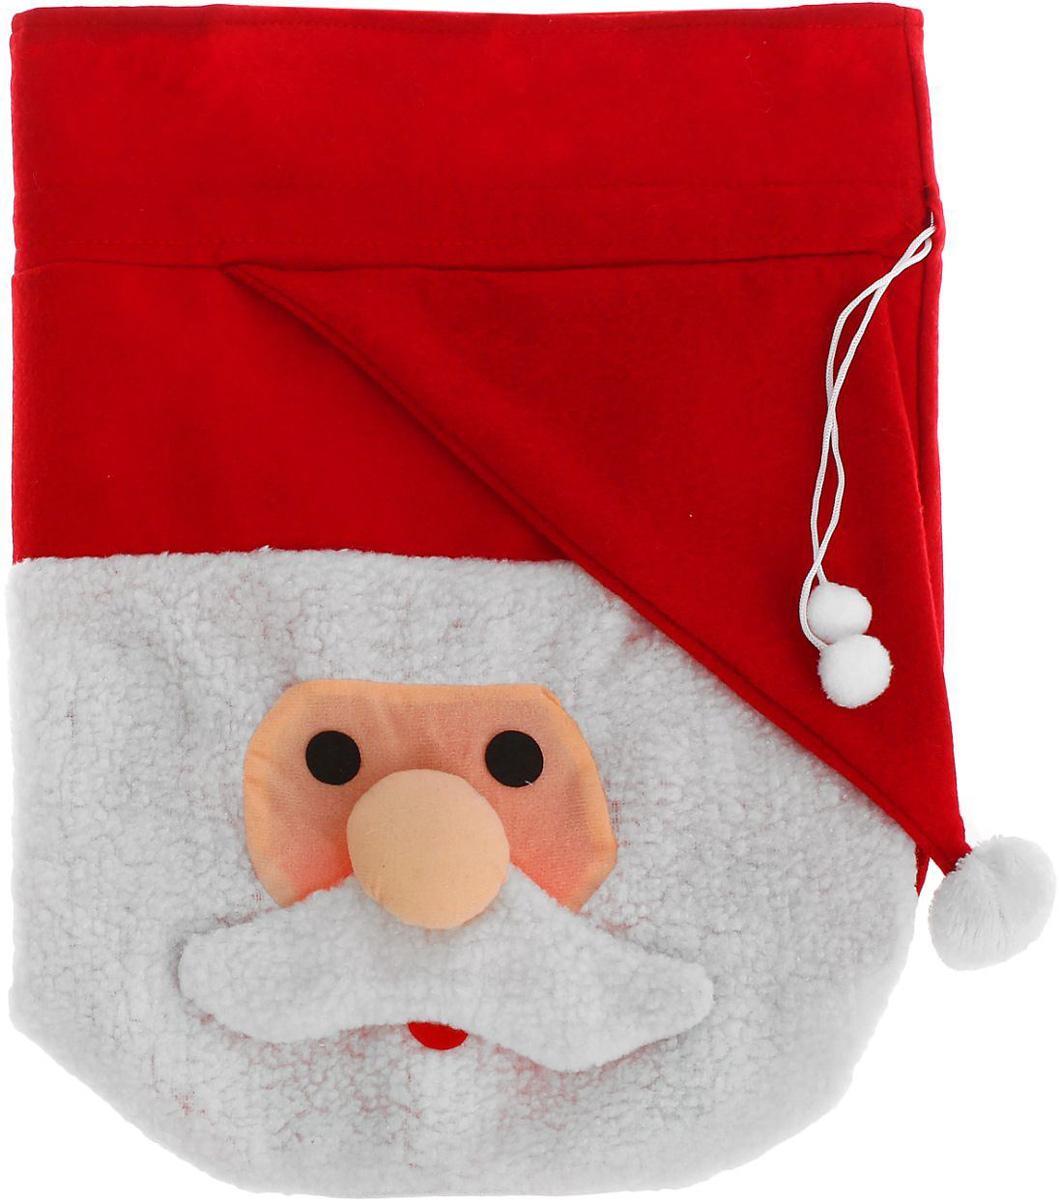 Мешок новогодний Sima-land Дедушка в колпаке1305198Яркий мешок для подарков Sima-land выполнен из текстиля. Упаковка - это одна из важных составляющих самого подарка! Дарите ли вы сувениры родственникам, или выбираете подарок для самого близкого человека - правильно подобранная подарочная упаковка усилит радость от самого подарка и поднимет настроение.